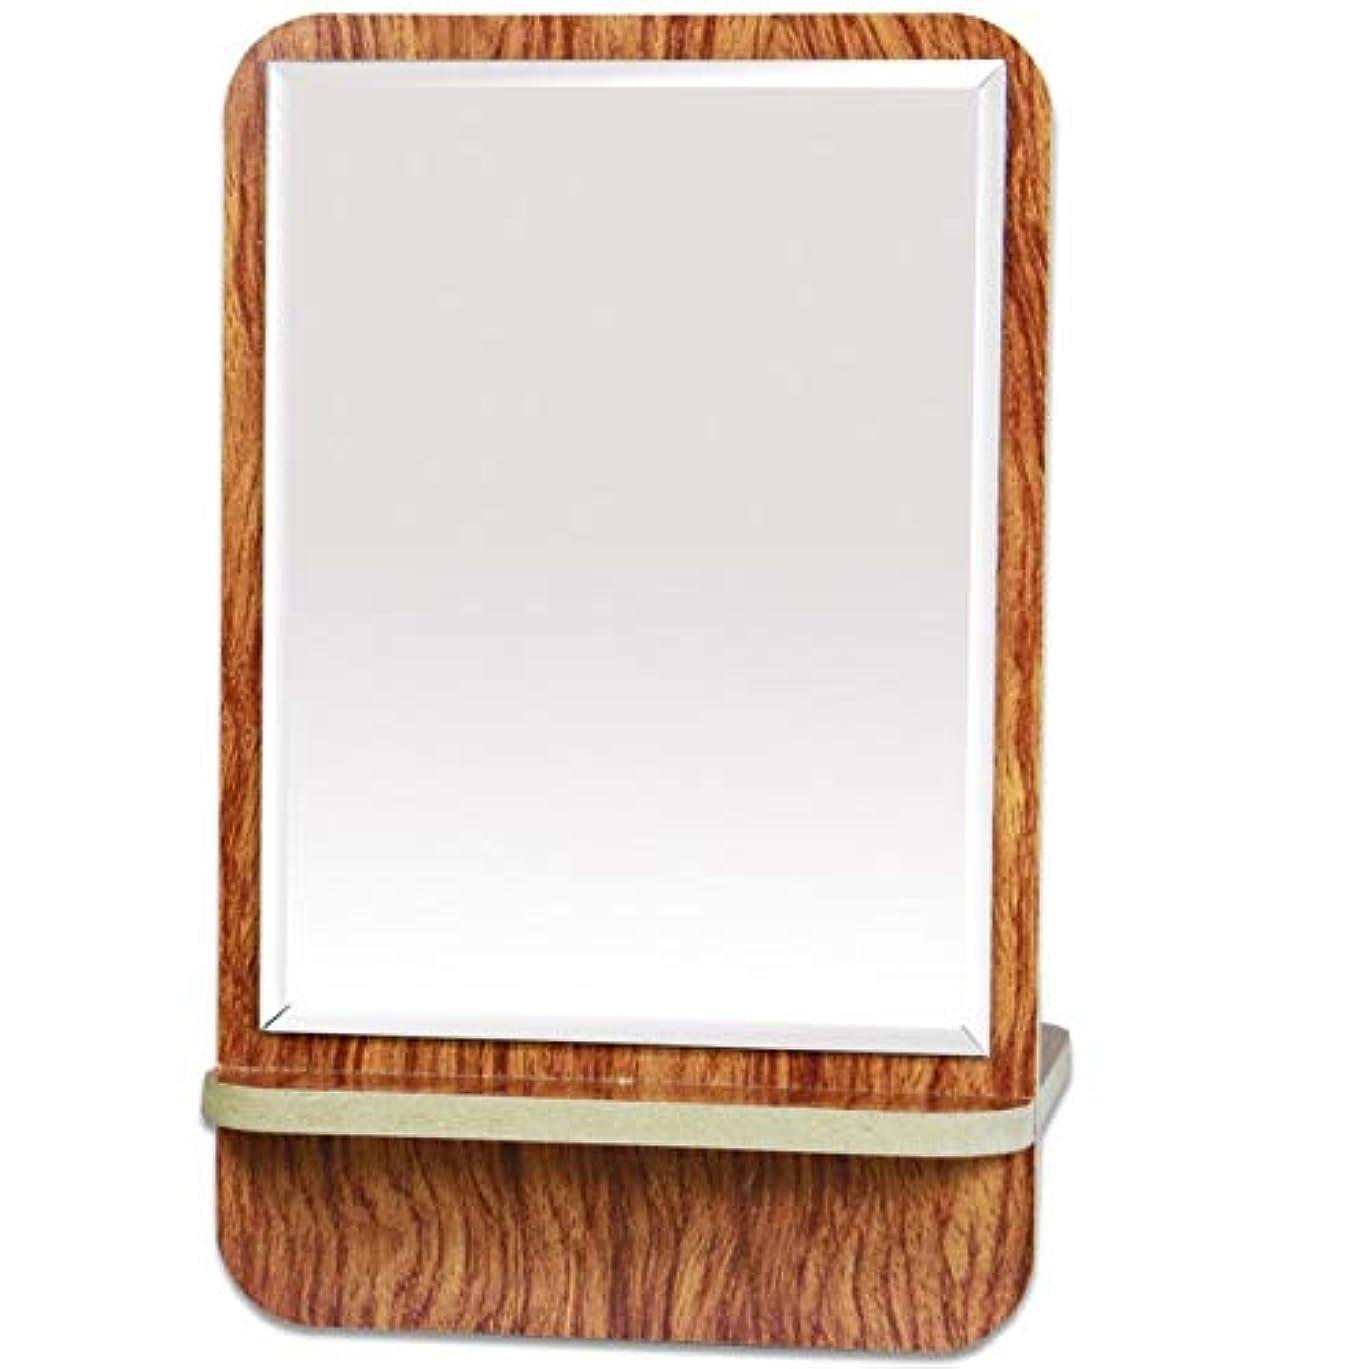 顧問曲線権利を与える化粧鏡、木製の鏡、デスクトップ化粧鏡、化粧ギフト